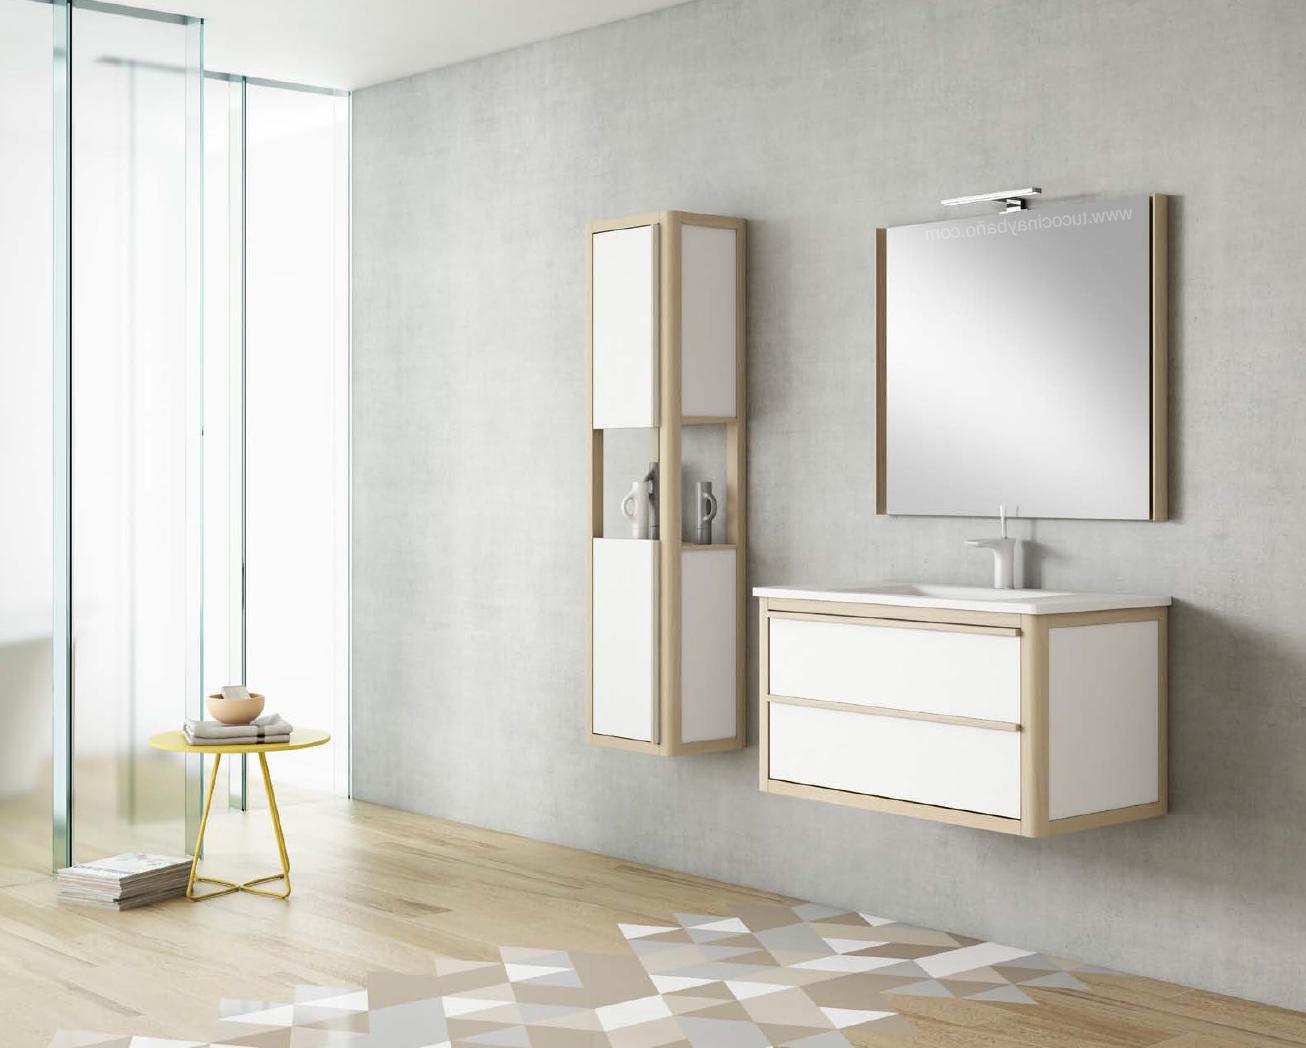 Mueble Baño Con Lavabo E6d5 Mueble Baà O Estilo Nà Rdico Tu Cocina Y Baà O